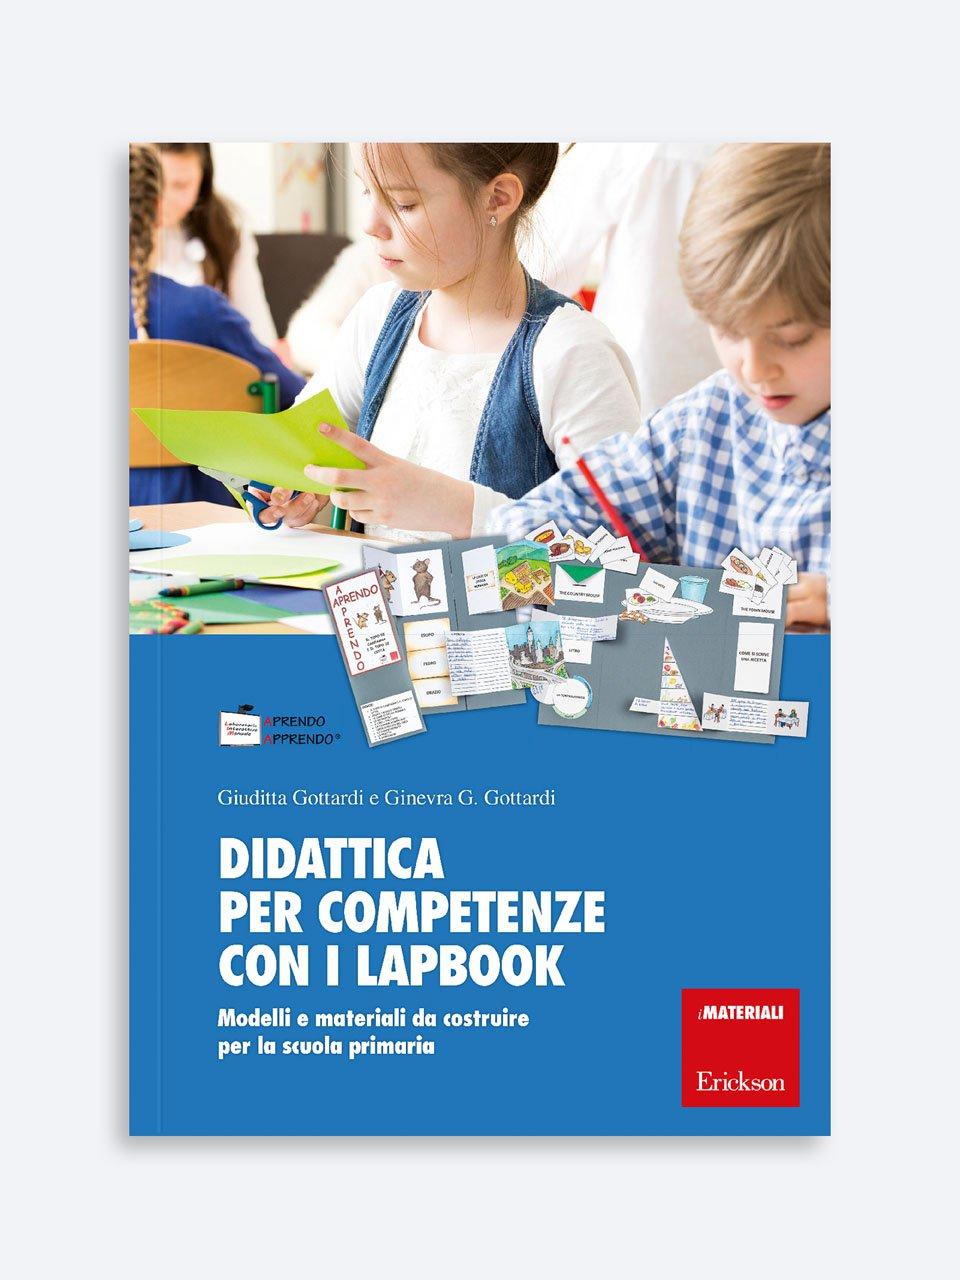 Didattica per competenze con i lapbook - Organizzare i gruppi cooperativi - Libri - Erickson